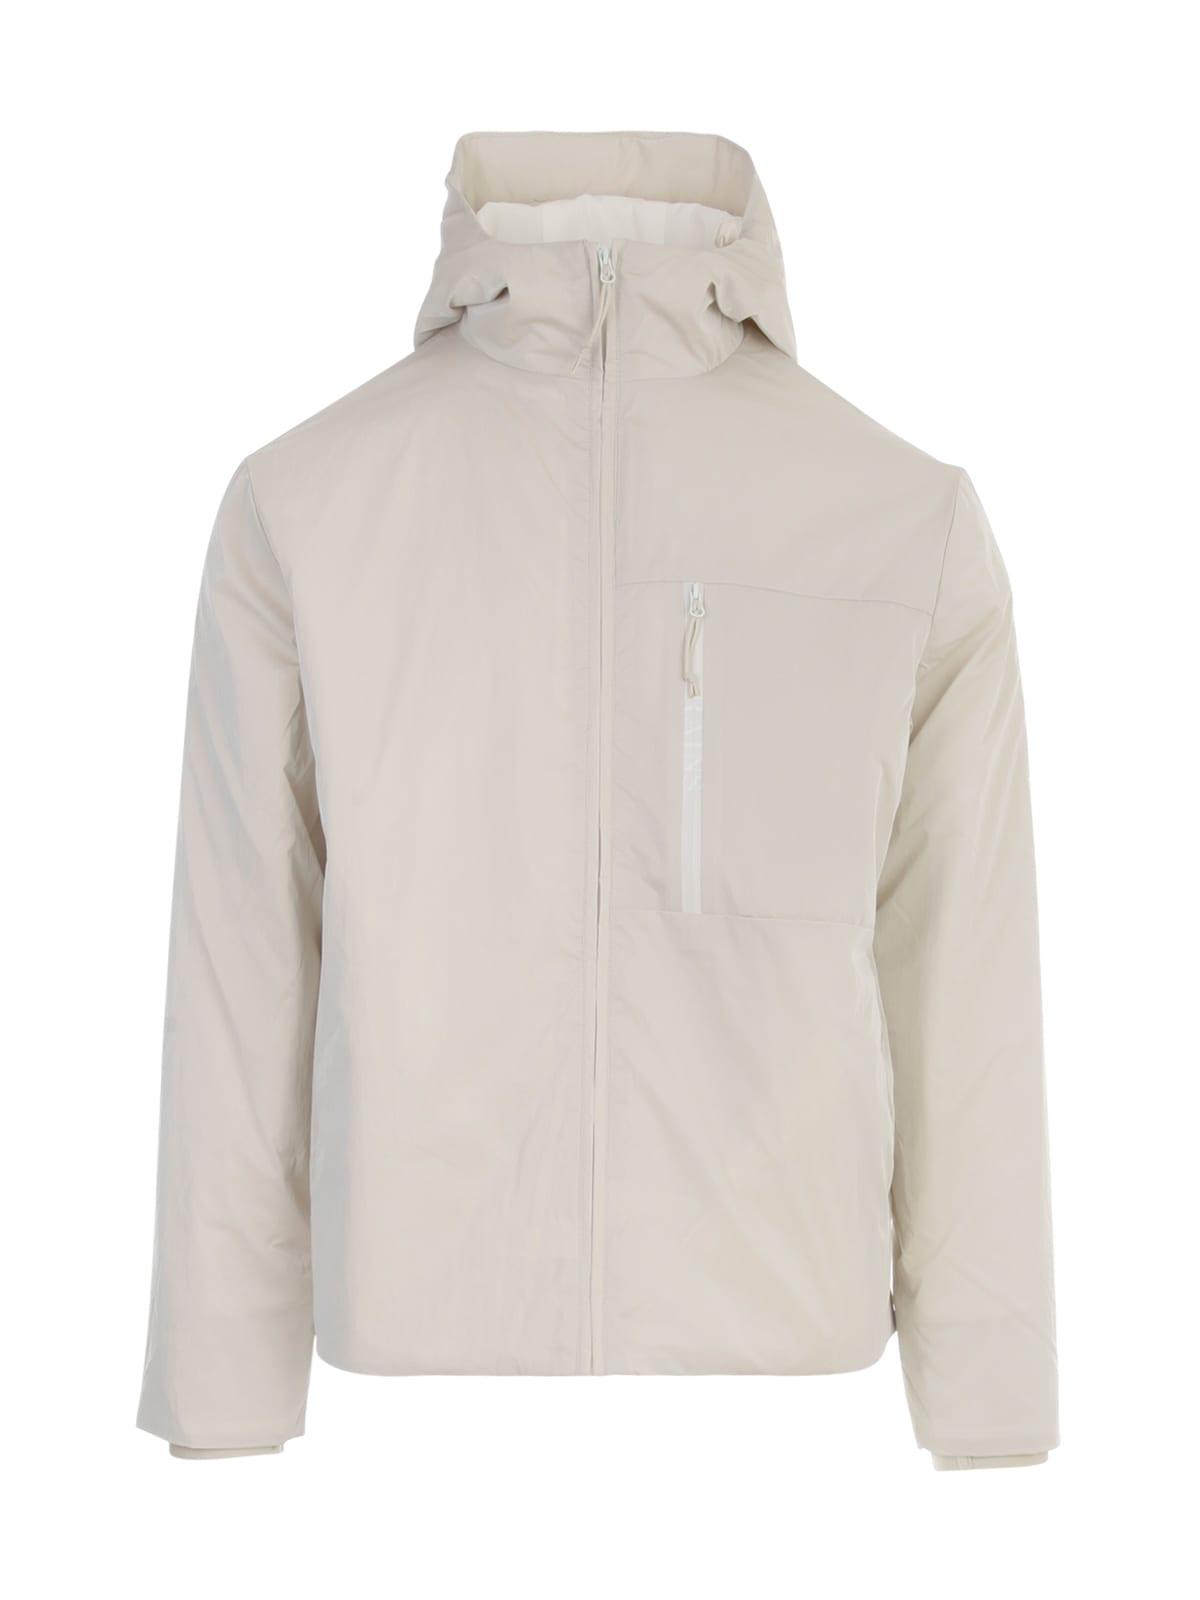 RAINS Lightweight Drifter Jacket